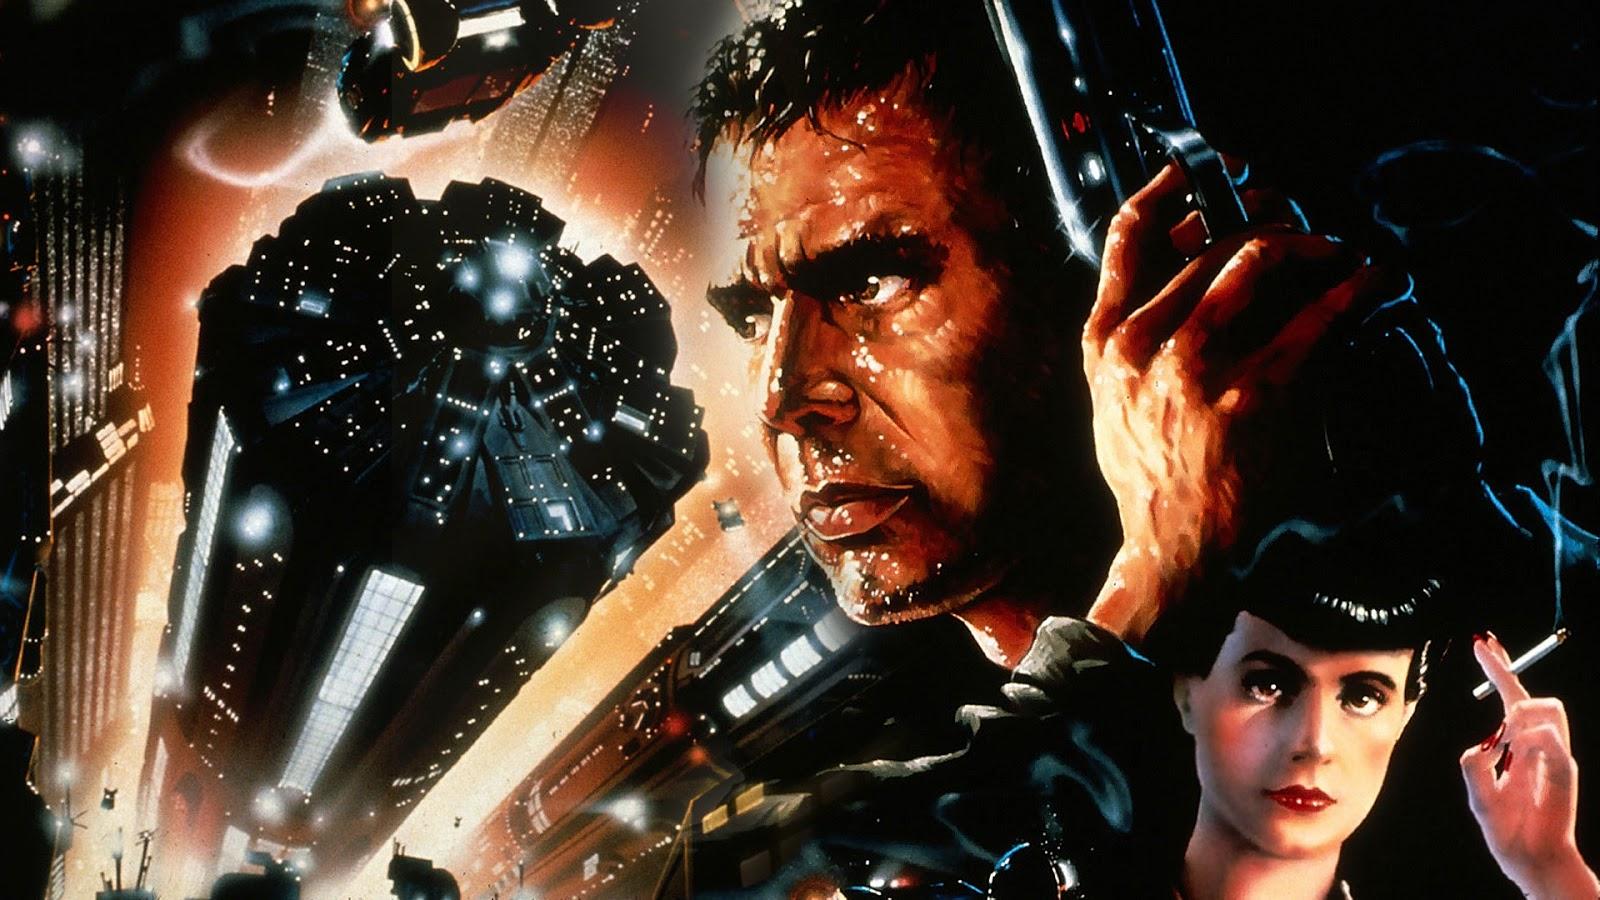 Có cần phải xem Blade Runner (1982) trước khi xem Blade Runner 2049? | Khen  Phim